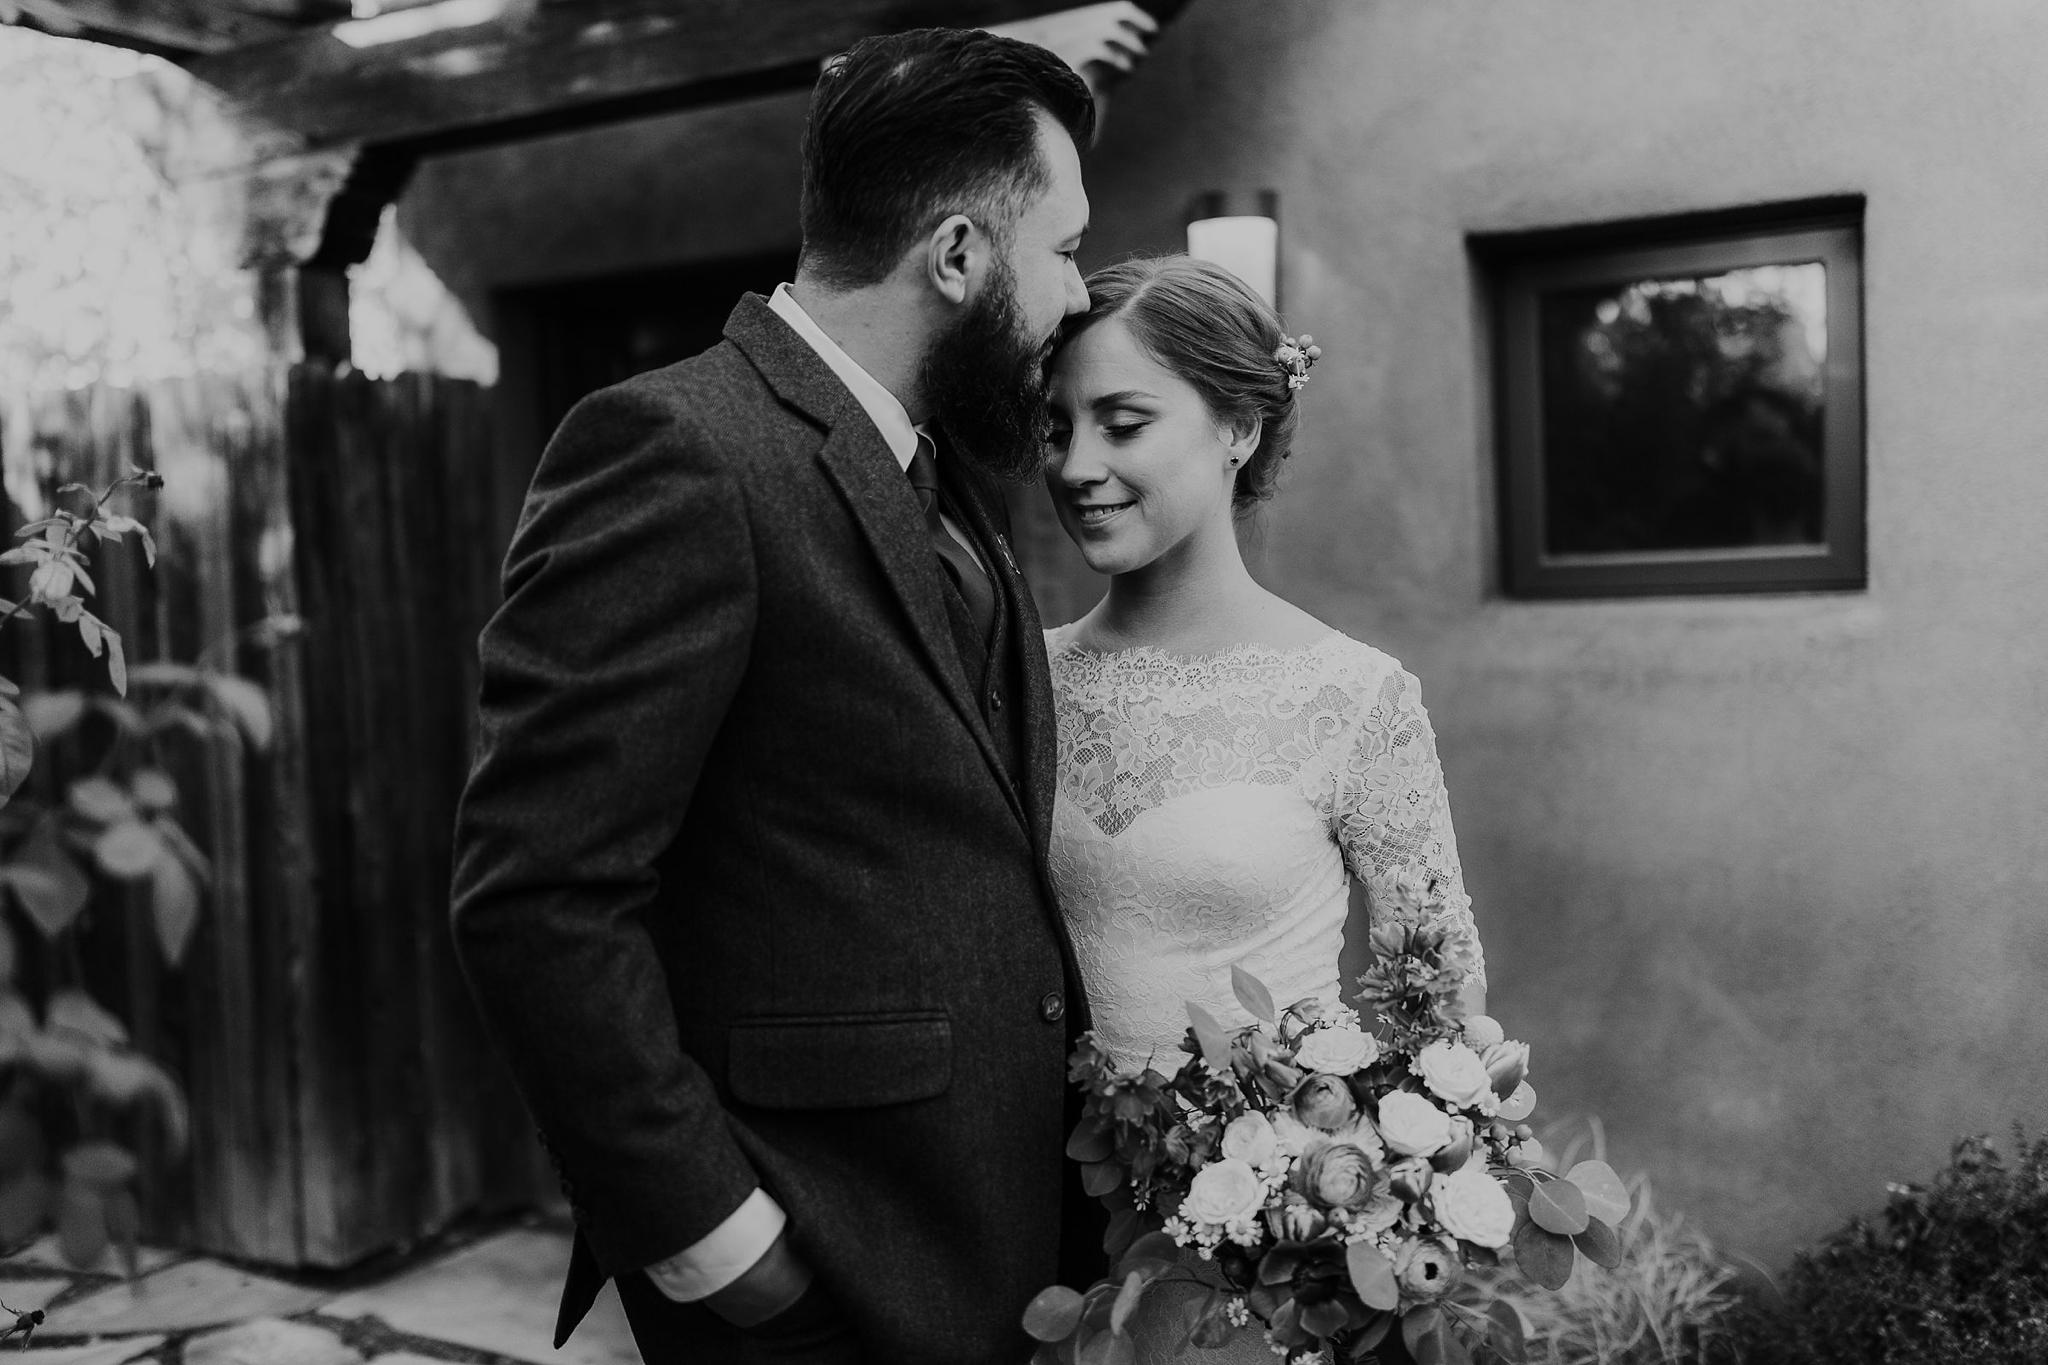 Alicia+lucia+photography+-+albuquerque+wedding+photographer+-+santa+fe+wedding+photography+-+new+mexico+wedding+photographer+-+new+mexico+wedding+-+wedding+photographer+-+wedding+photographer+team_0025.jpg